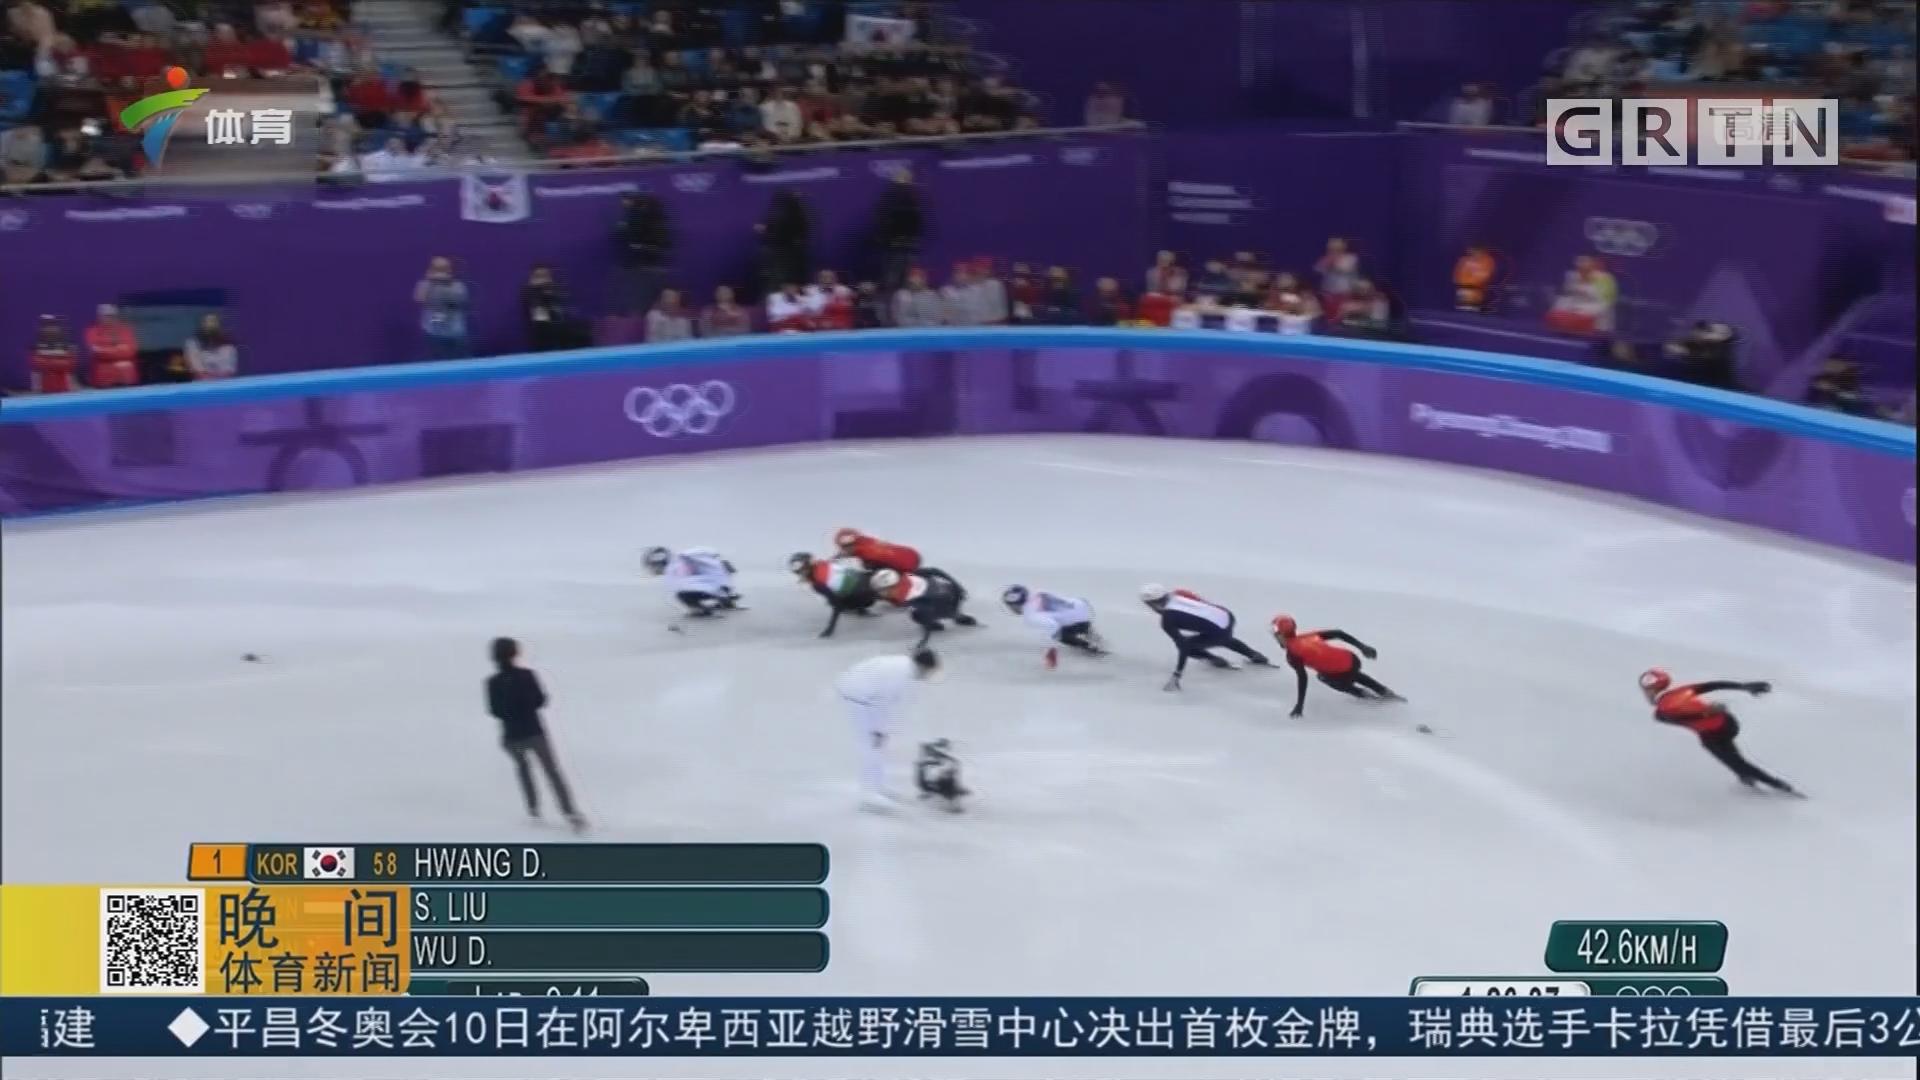 1500米短道速滑 中国队半决赛折戈